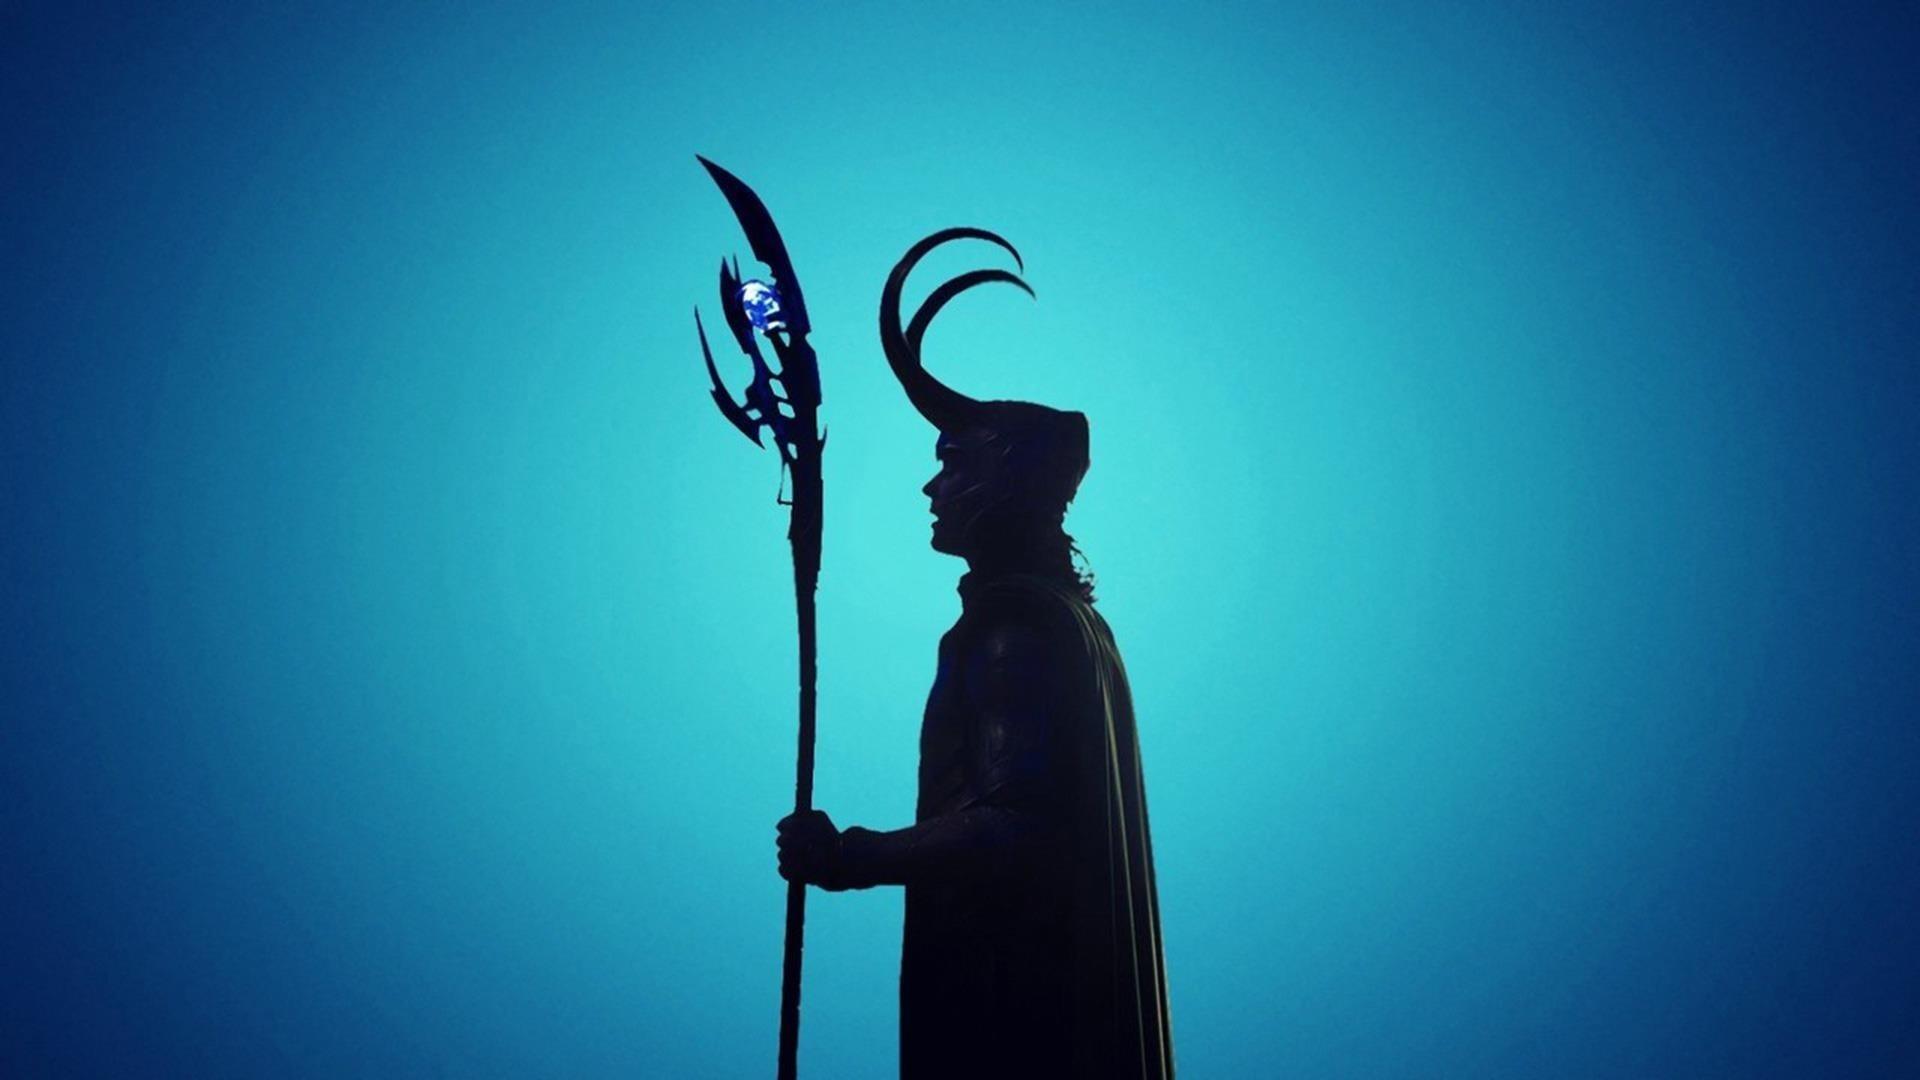 Фильмы Локи бог с синим фоном Локи обои скачать